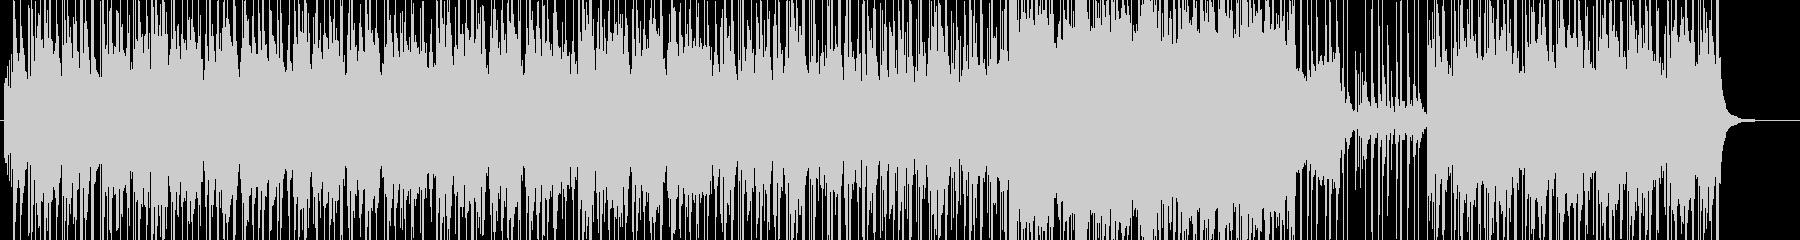 雑魚的とのエンカウントソングの未再生の波形